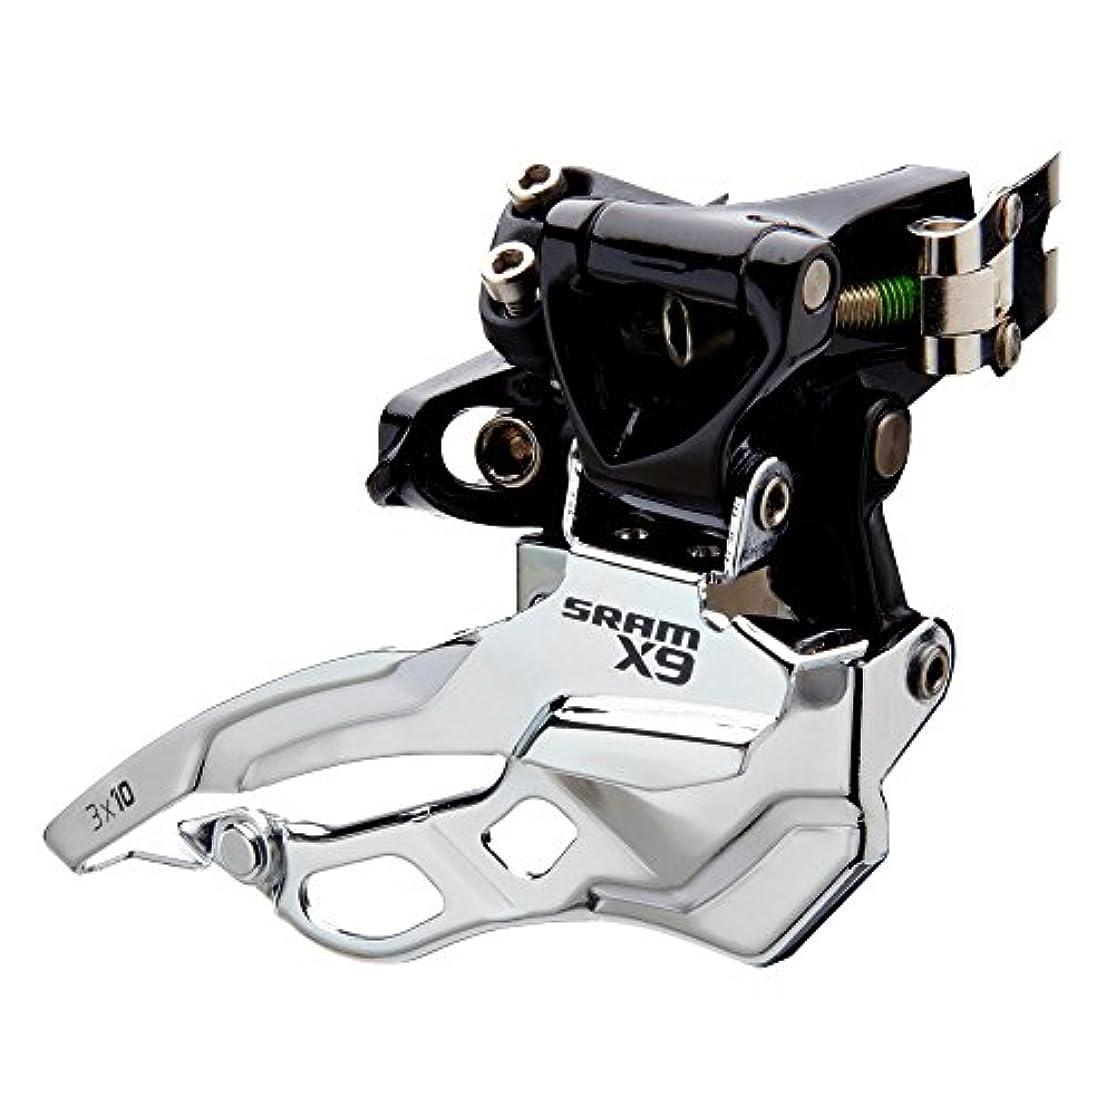 クライストチャーチアレンジ控えるSRAM X.9 - Dérailleur avant VTT - noir/argent Modèle 34,9 mm 2016